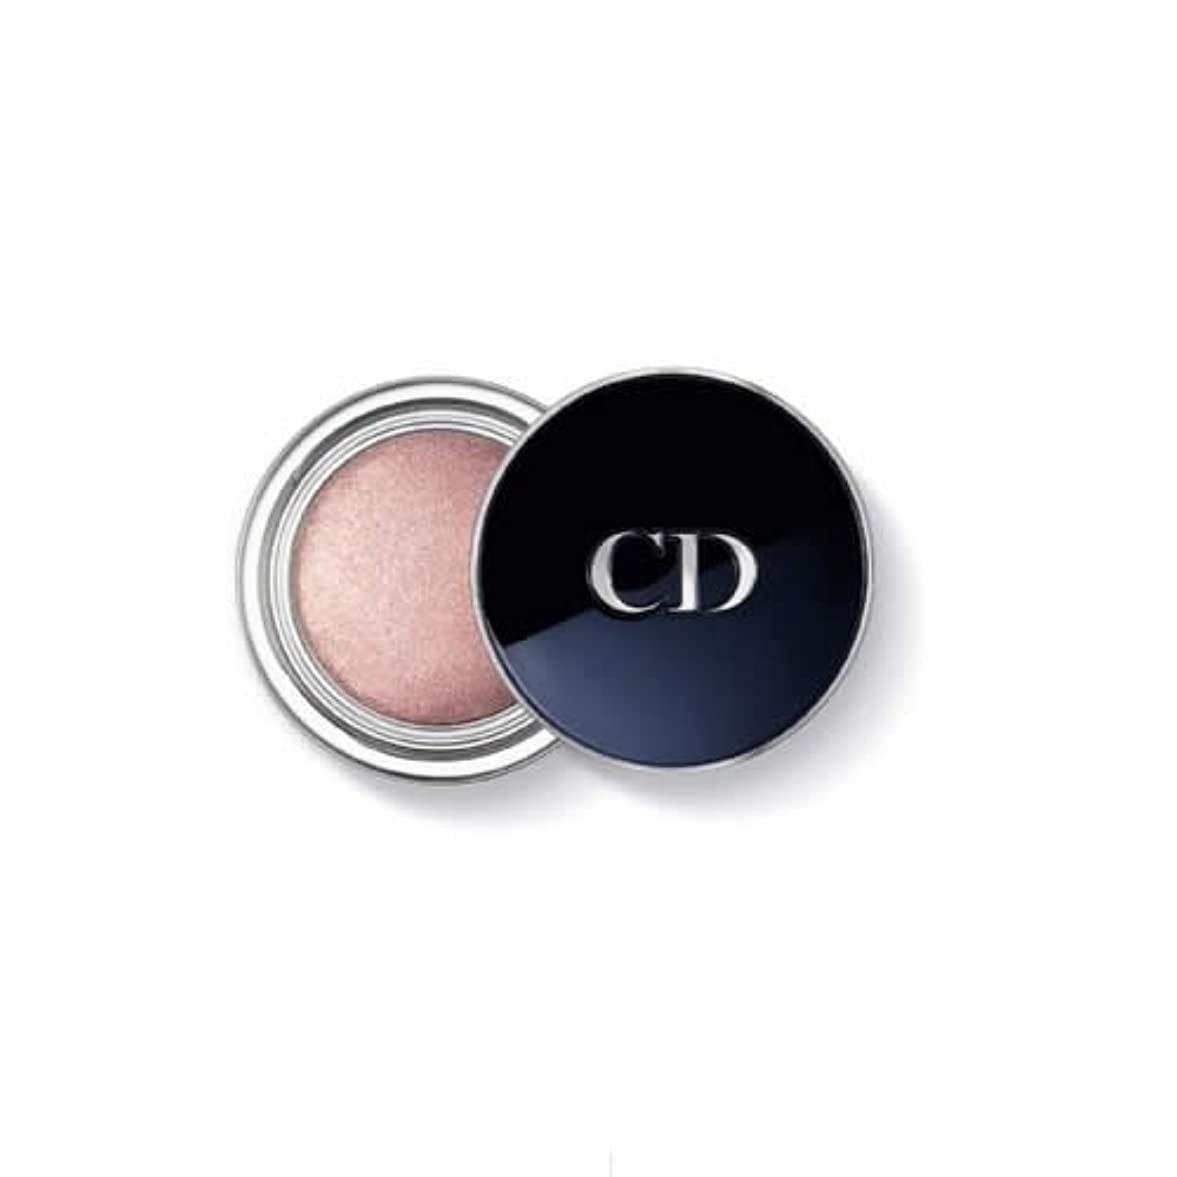 火感謝する可動式Dior ディオールショウフュージョンモノ #661 メテオール 6.5g [173070] [並行輸入品]